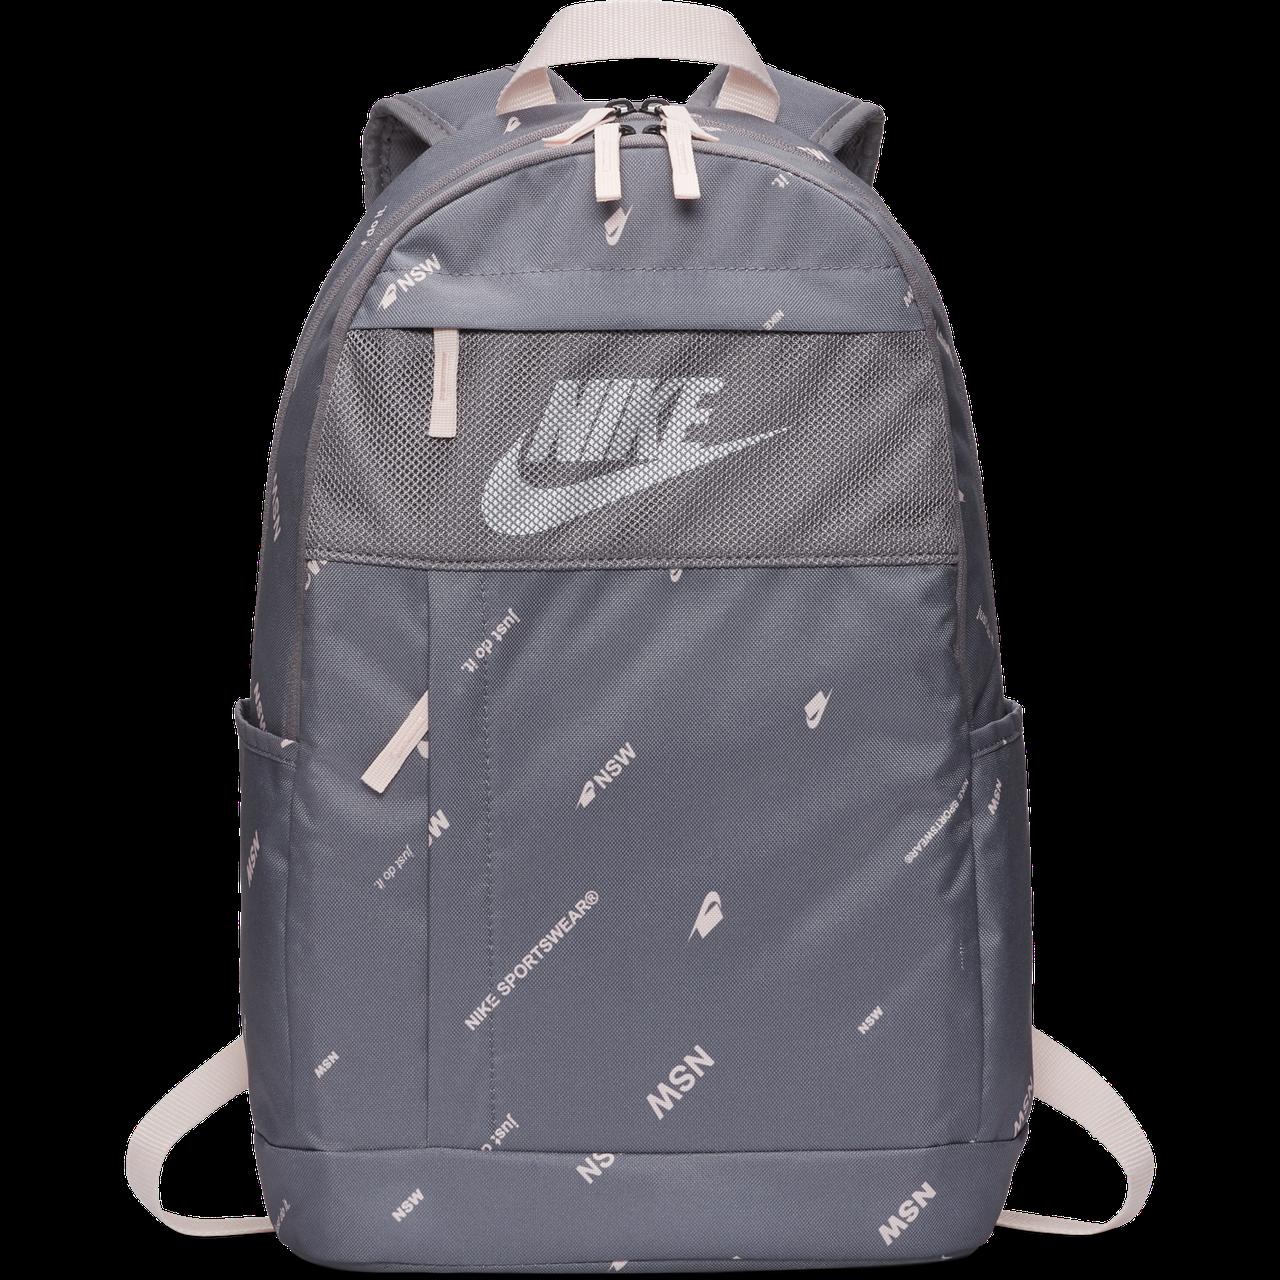 Рюкзак Nike Elemental 2.0 Printed BA5877-056 Серый (193151310613)